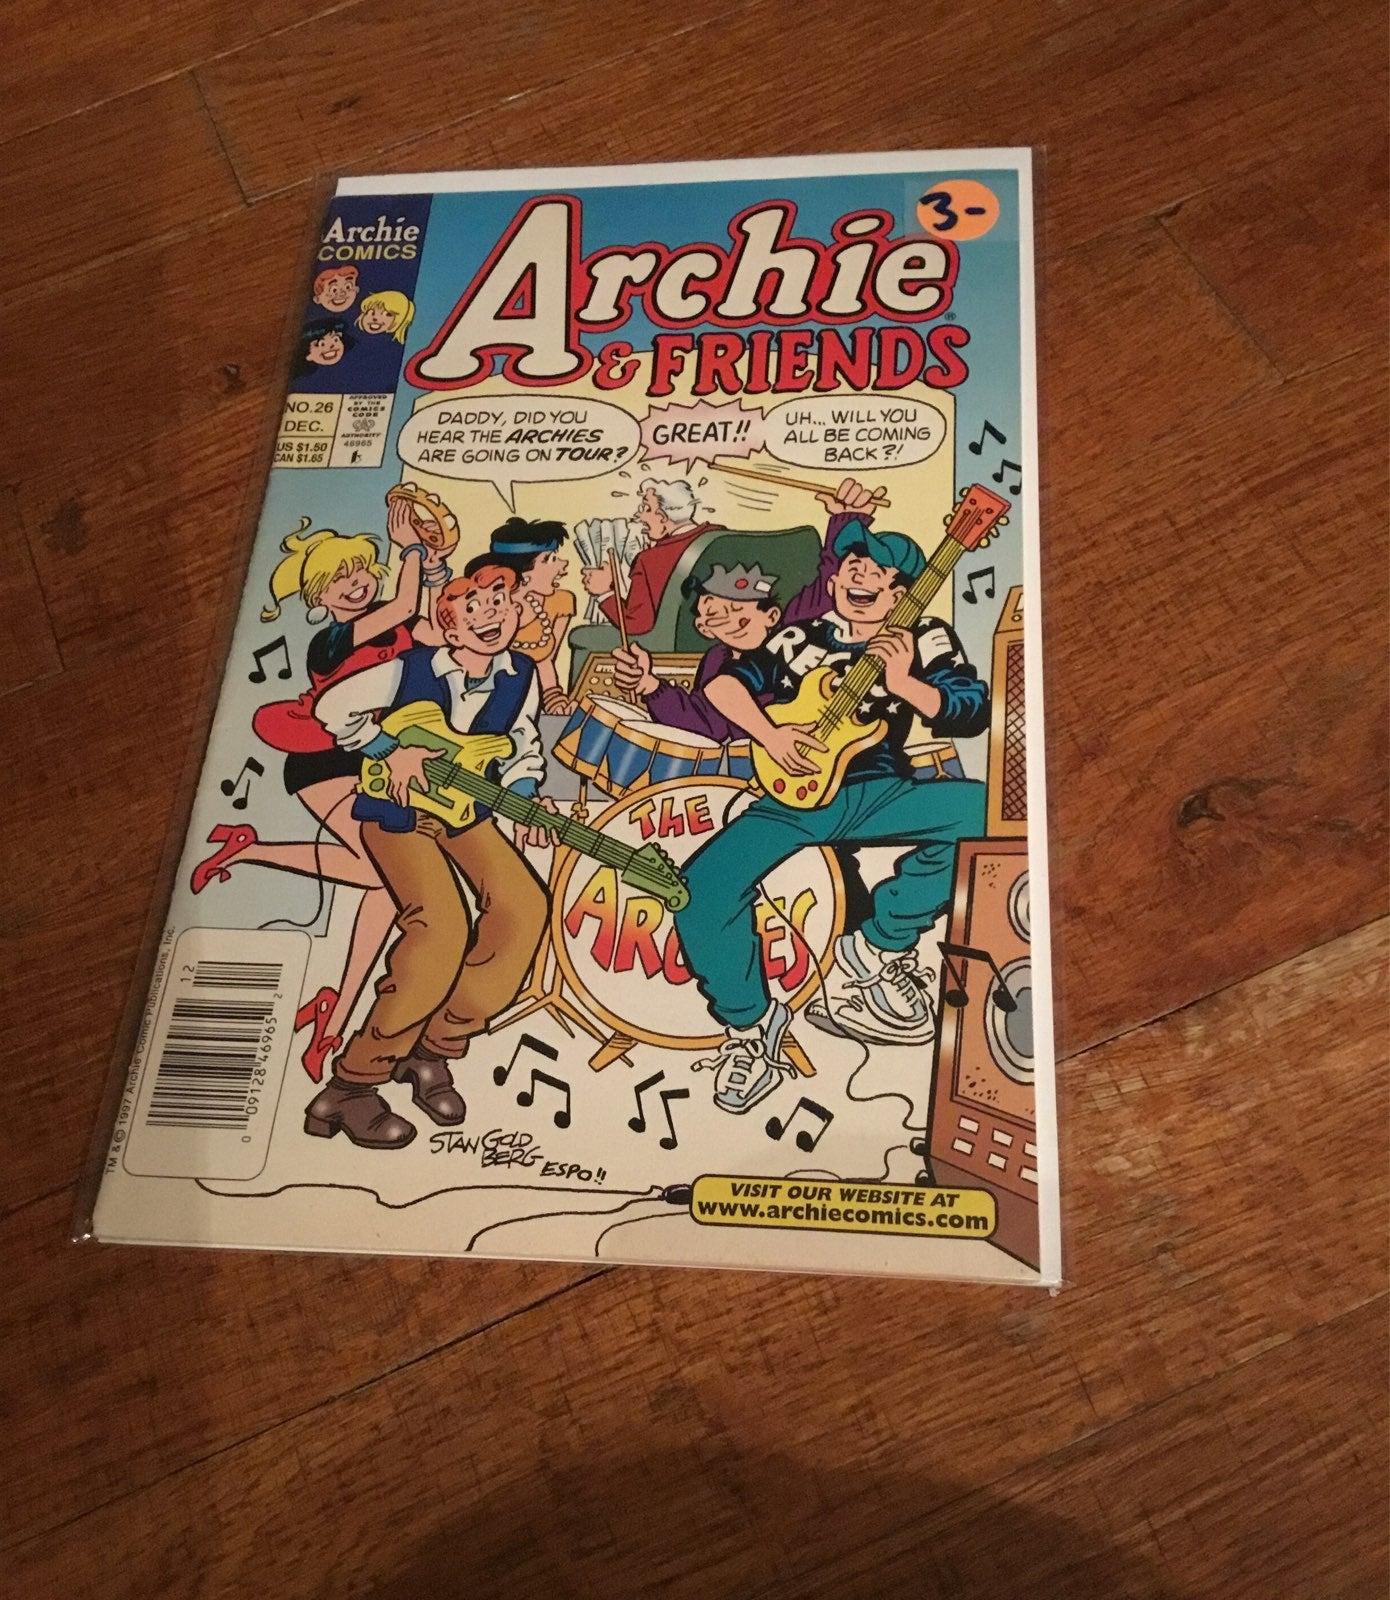 Archie & friends comic no. 26